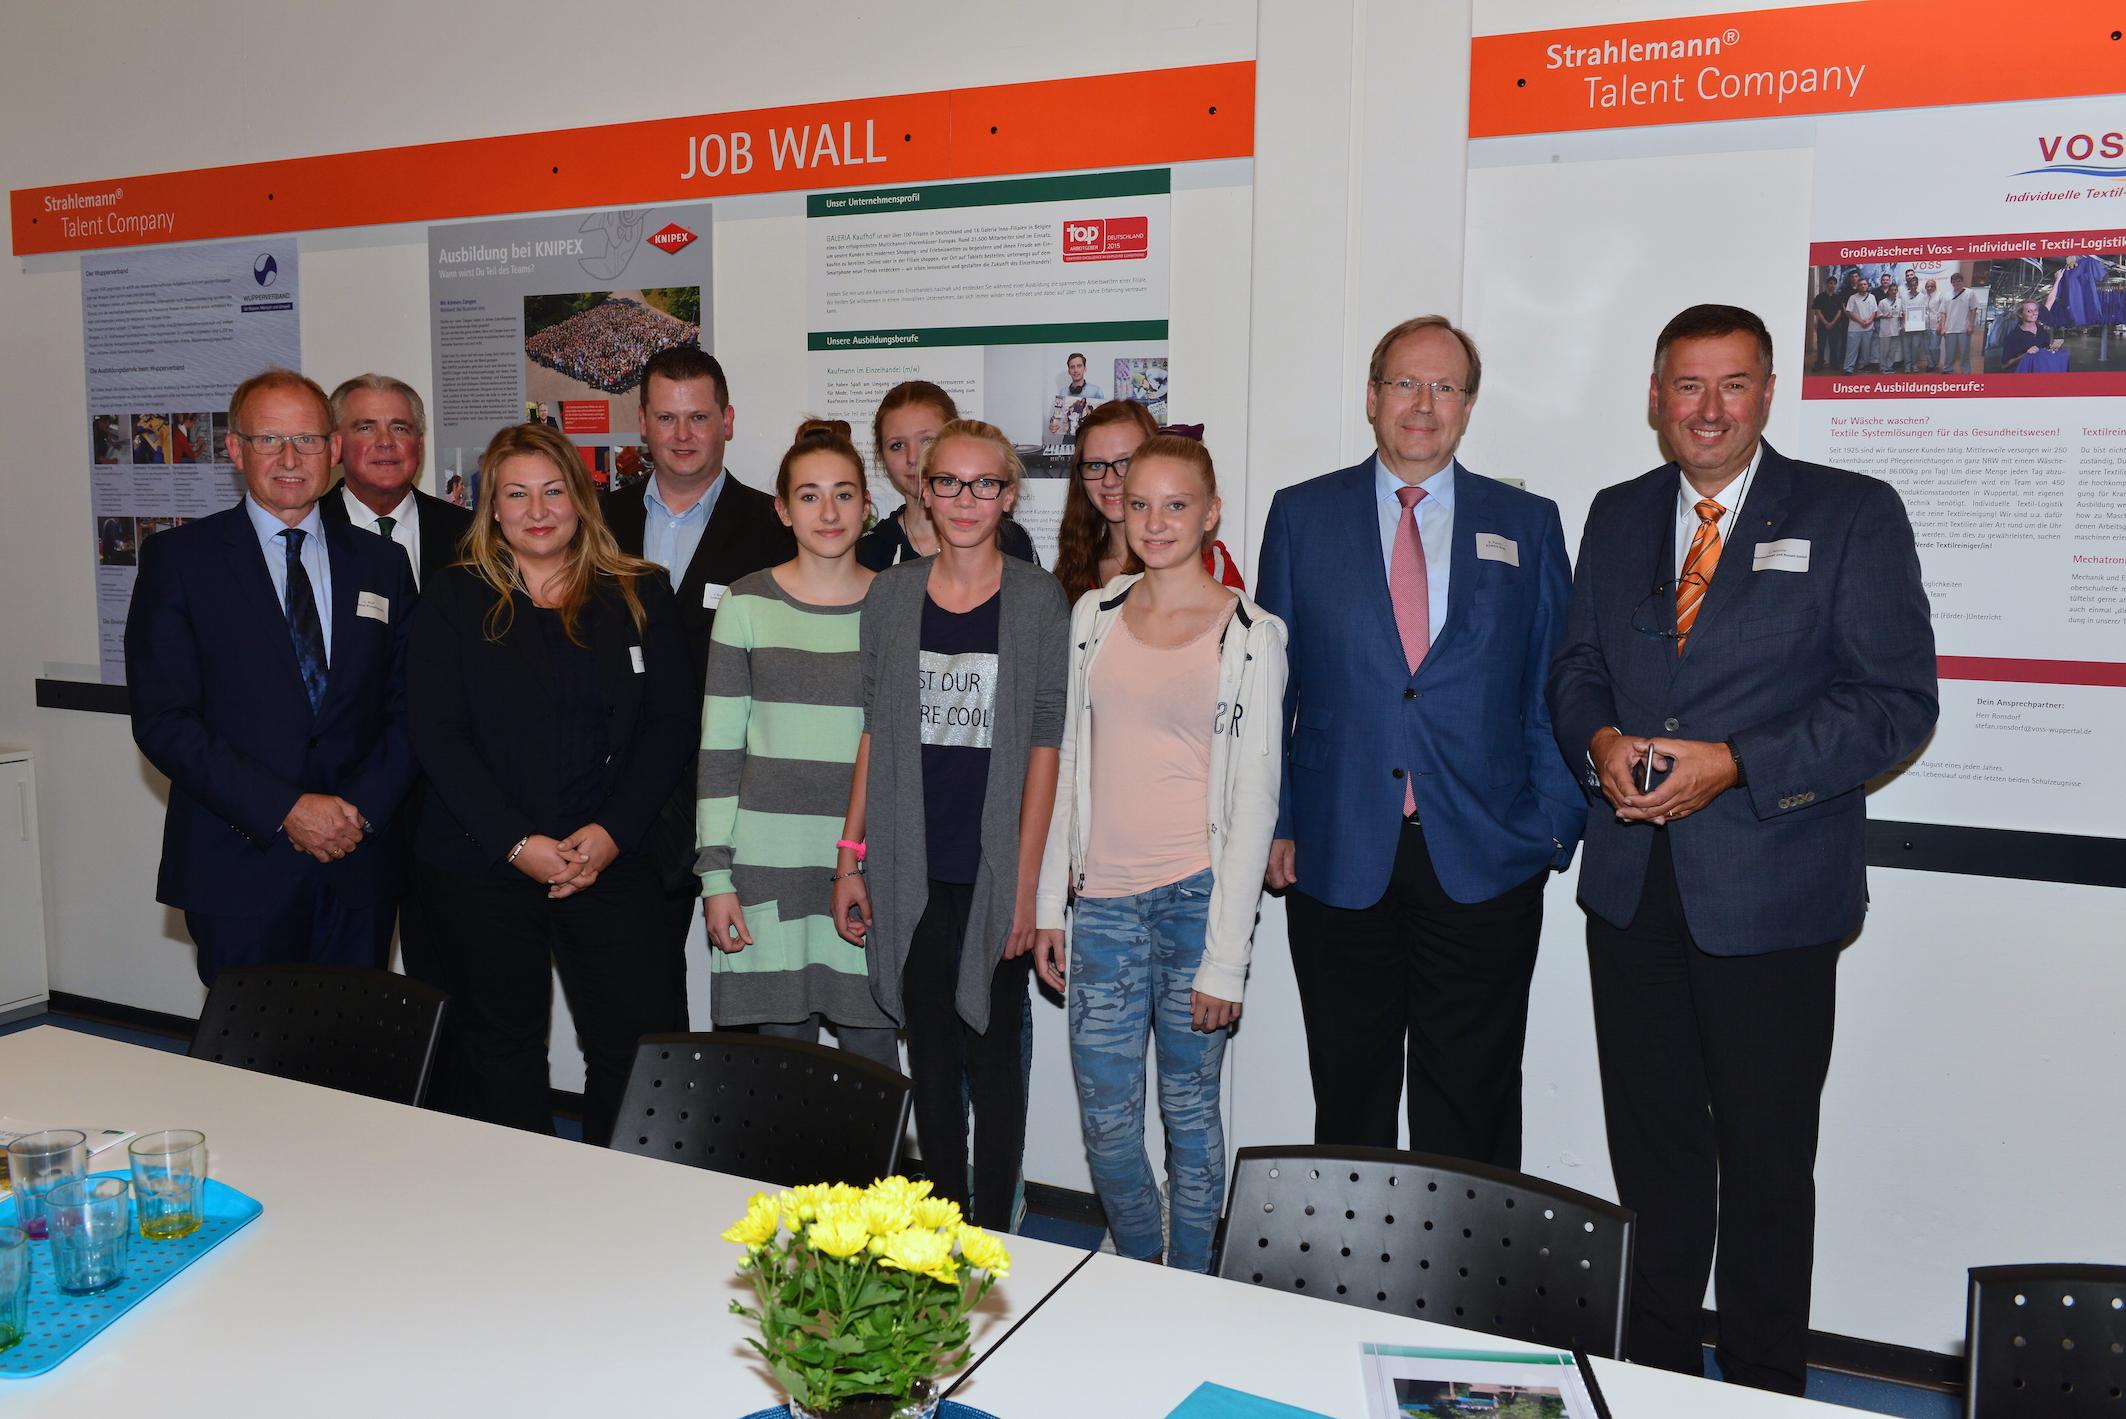 Die Unterstützer der Talent Company Wuppertal.